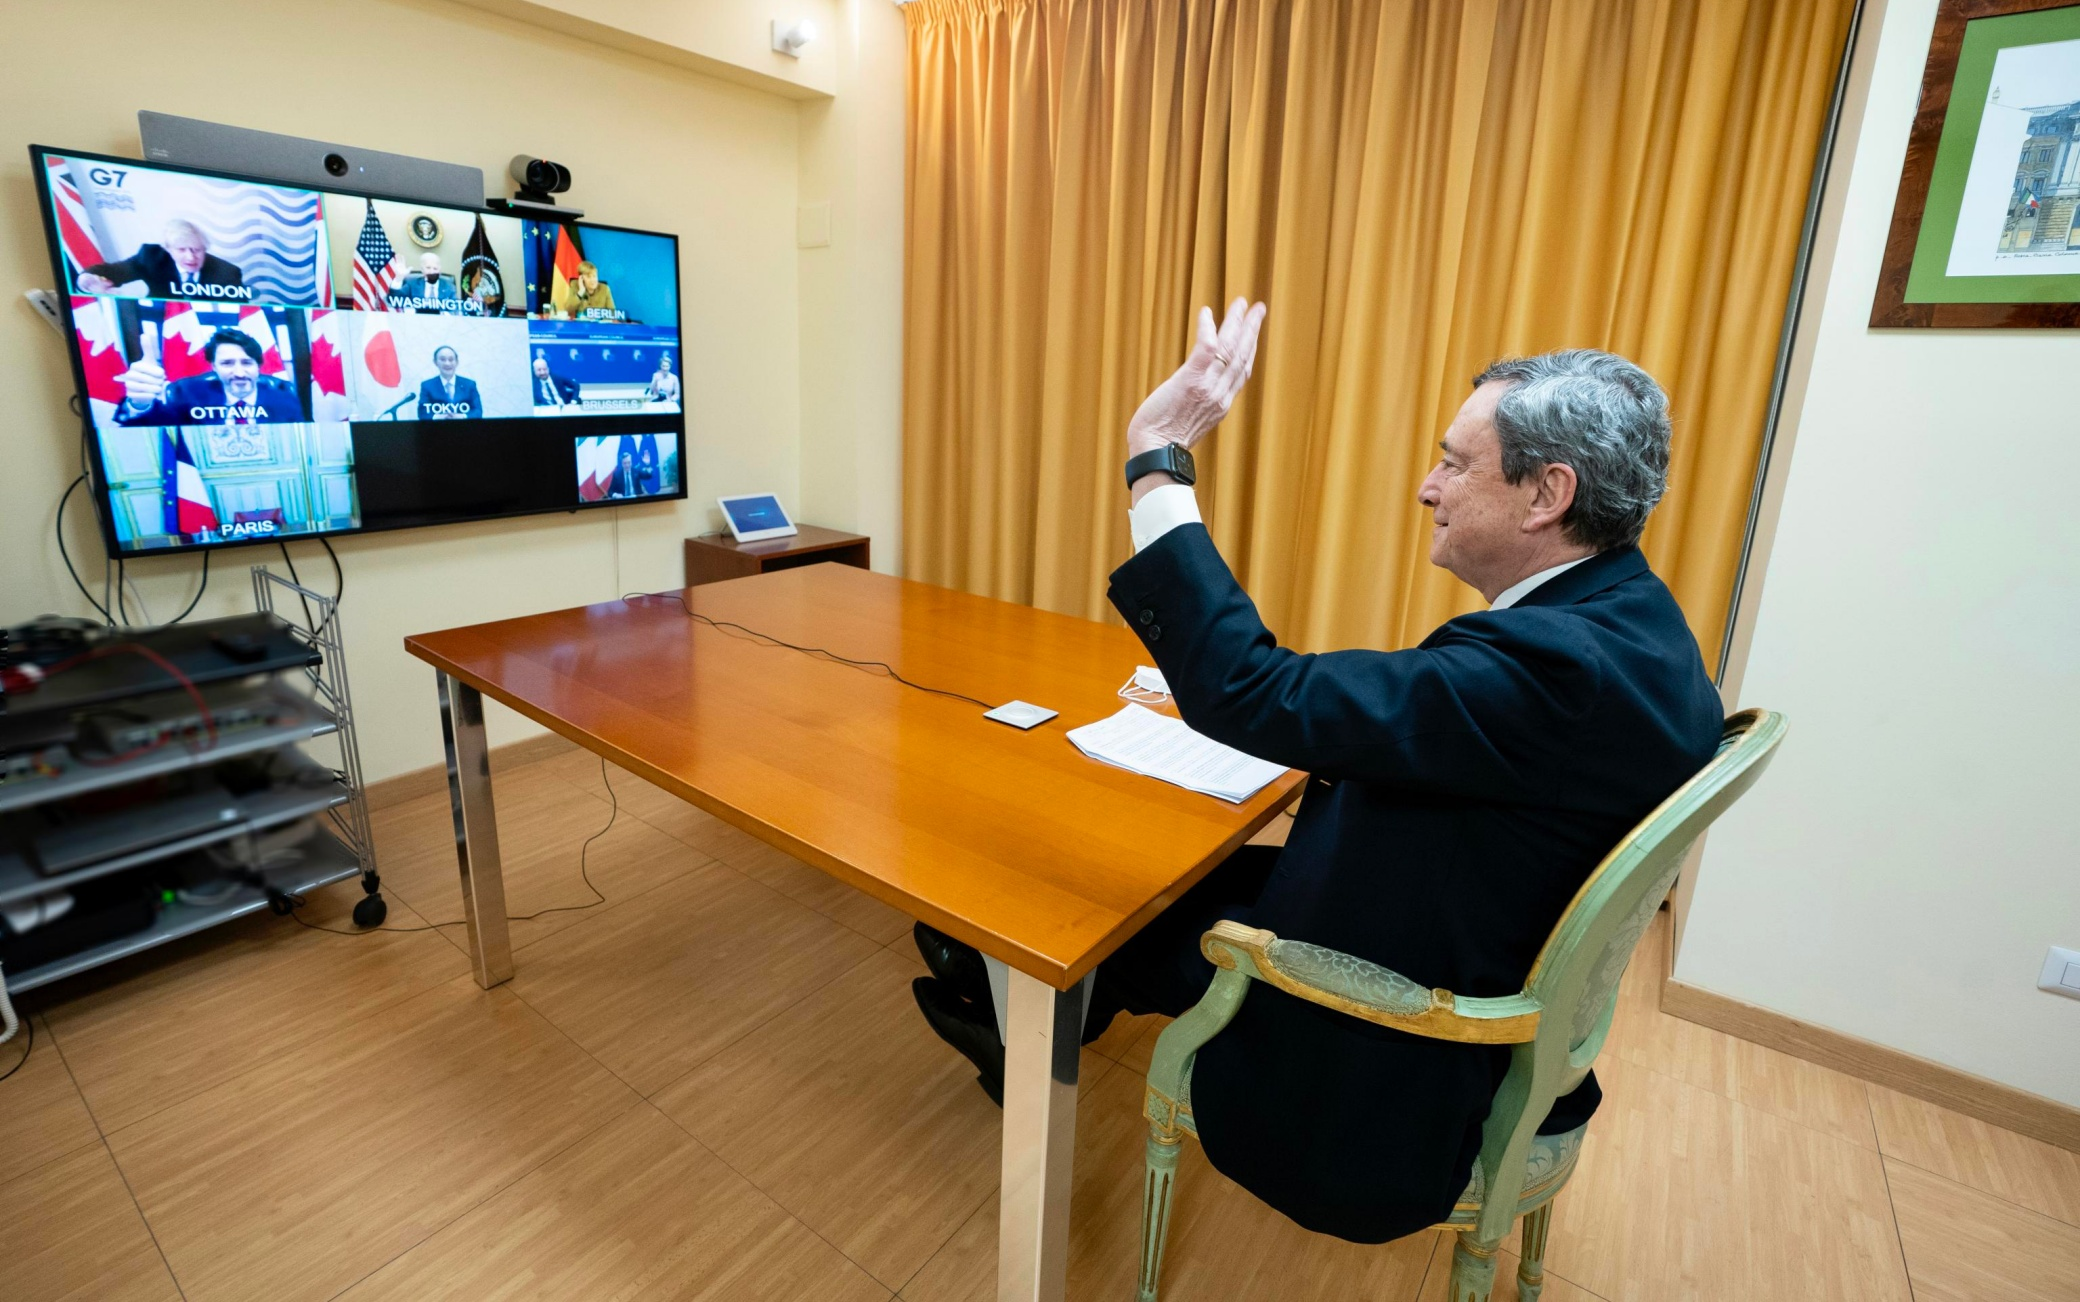 Il presidente del Consiglio Mario Draghi partecipa in videoconferenza al G7 sui vaccini, Roma, 19 febbraio 2021.ANSA/FILIPPO ATTILI UFFICIO STAMPA PALAZZO CHIGI